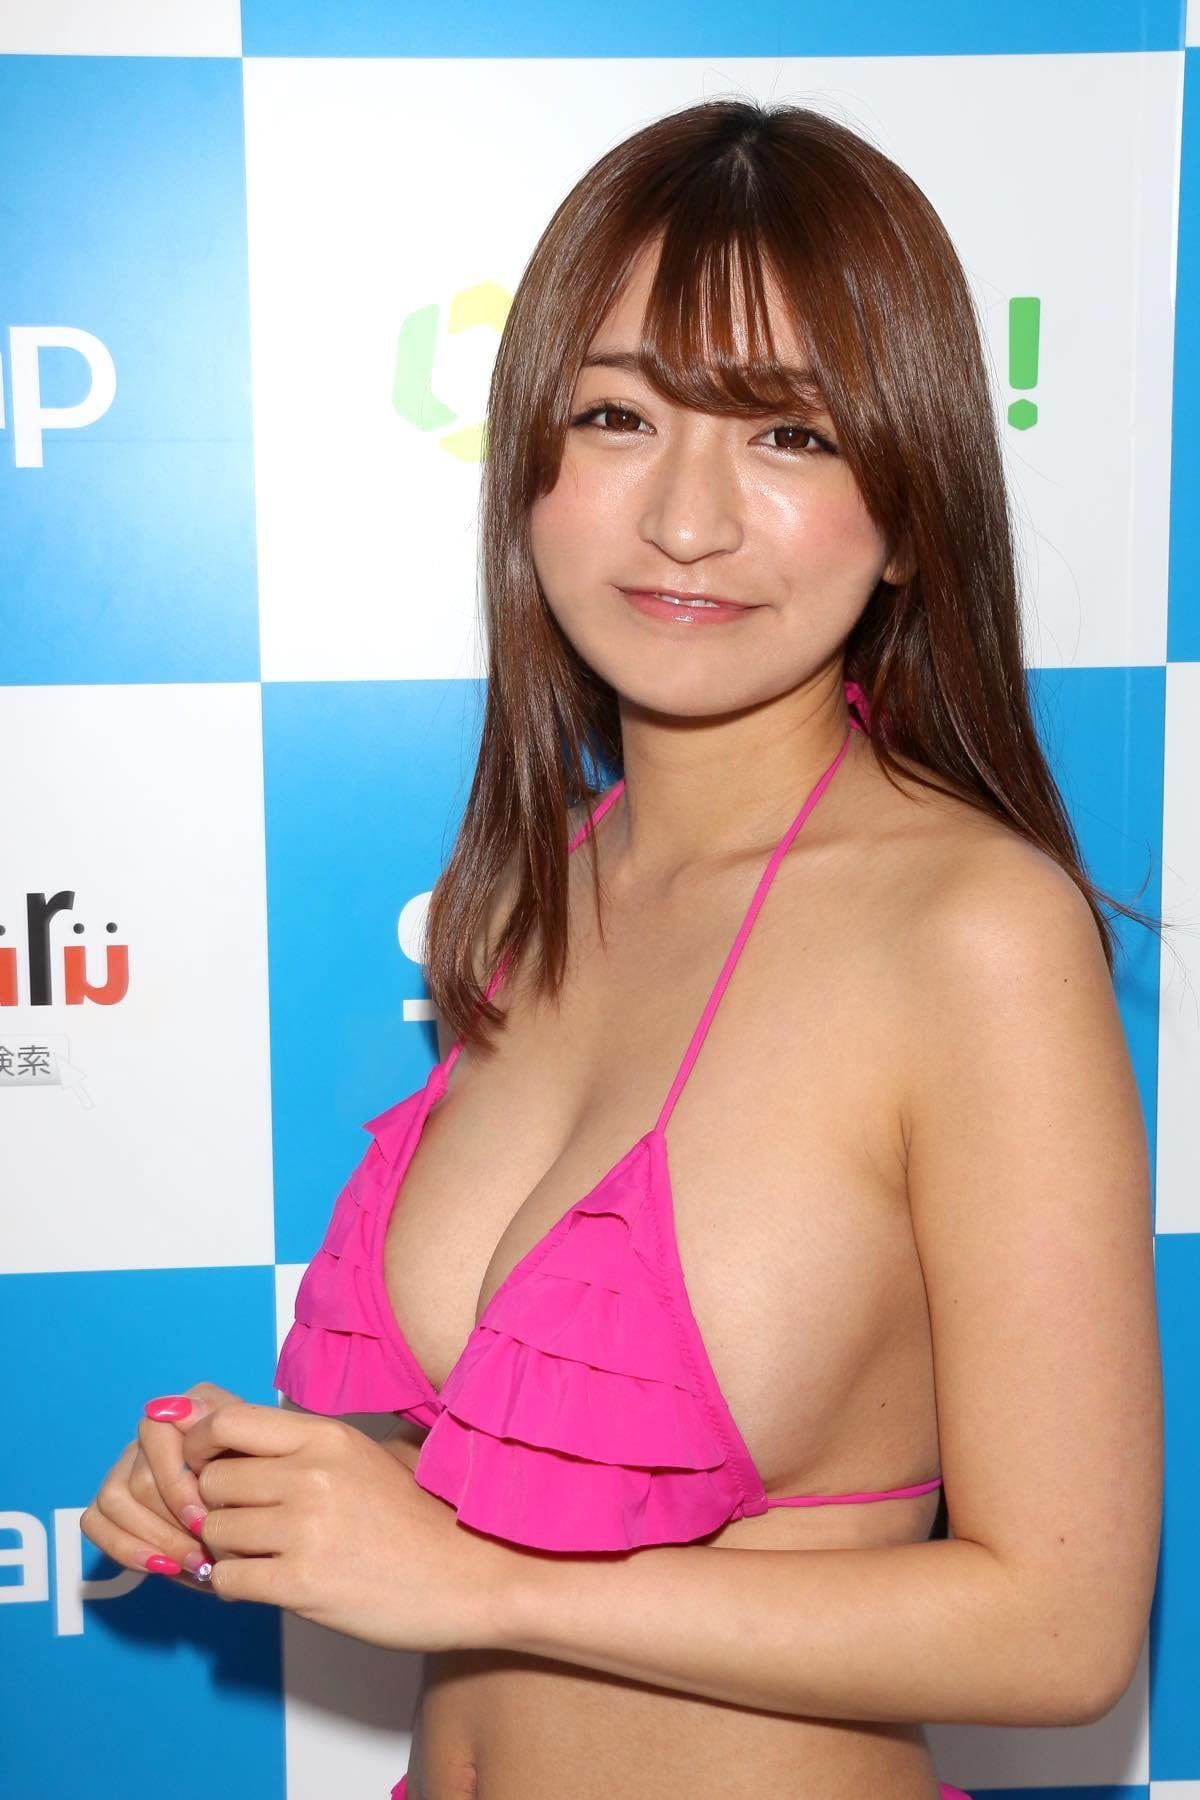 ☆HOSHINO「シャツがどんどん透けちゃう」エプロンはほぼ裸!【写真35枚】の画像013